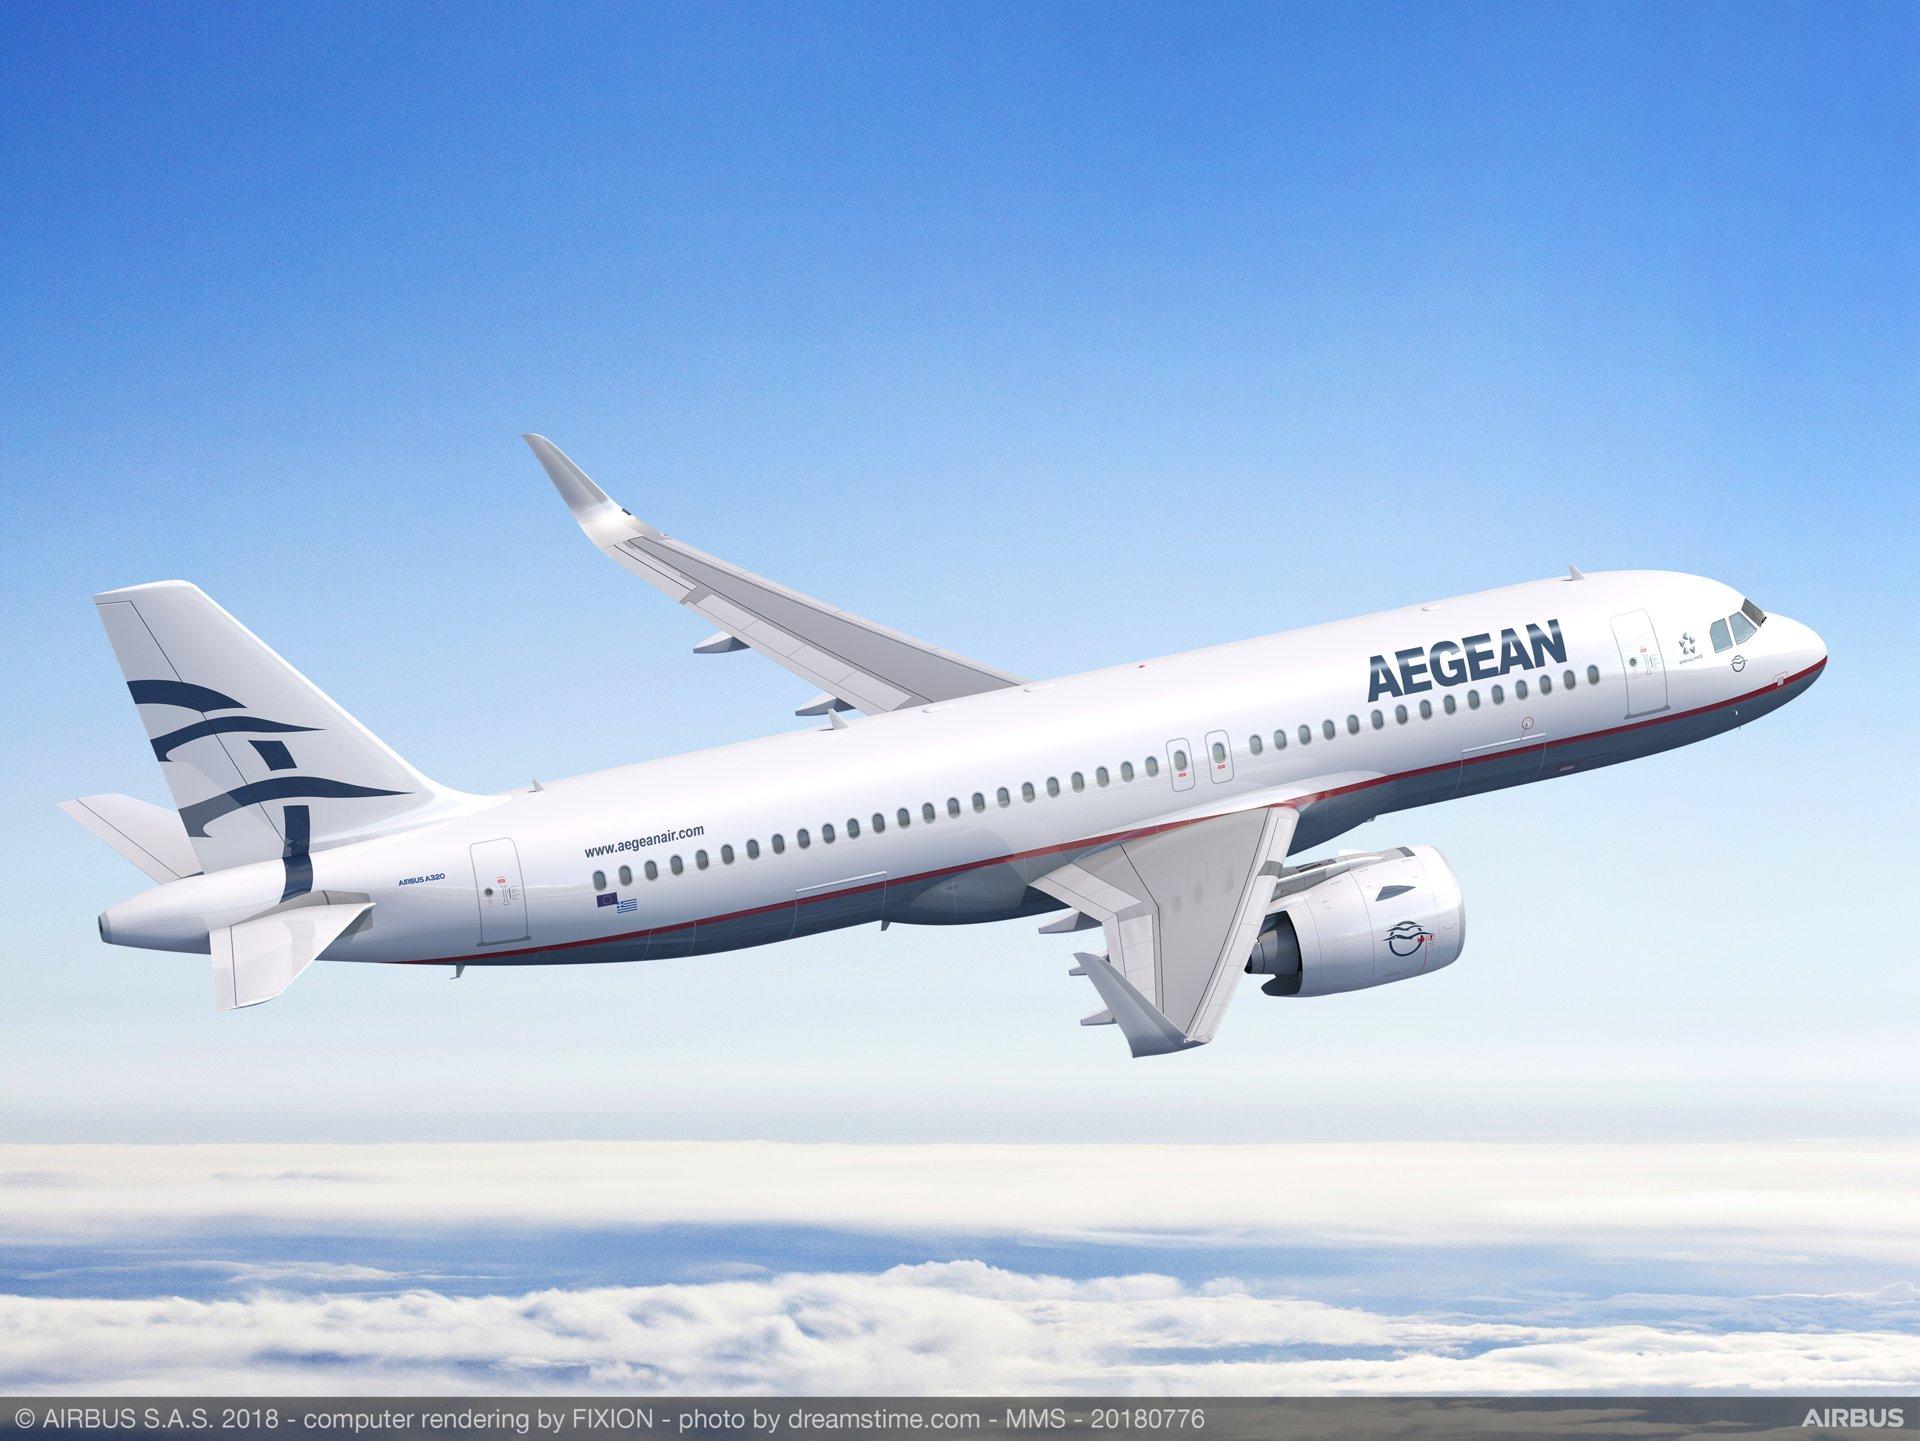 Η Aegean αρχίζει τις πτήσεις για Κύπρο